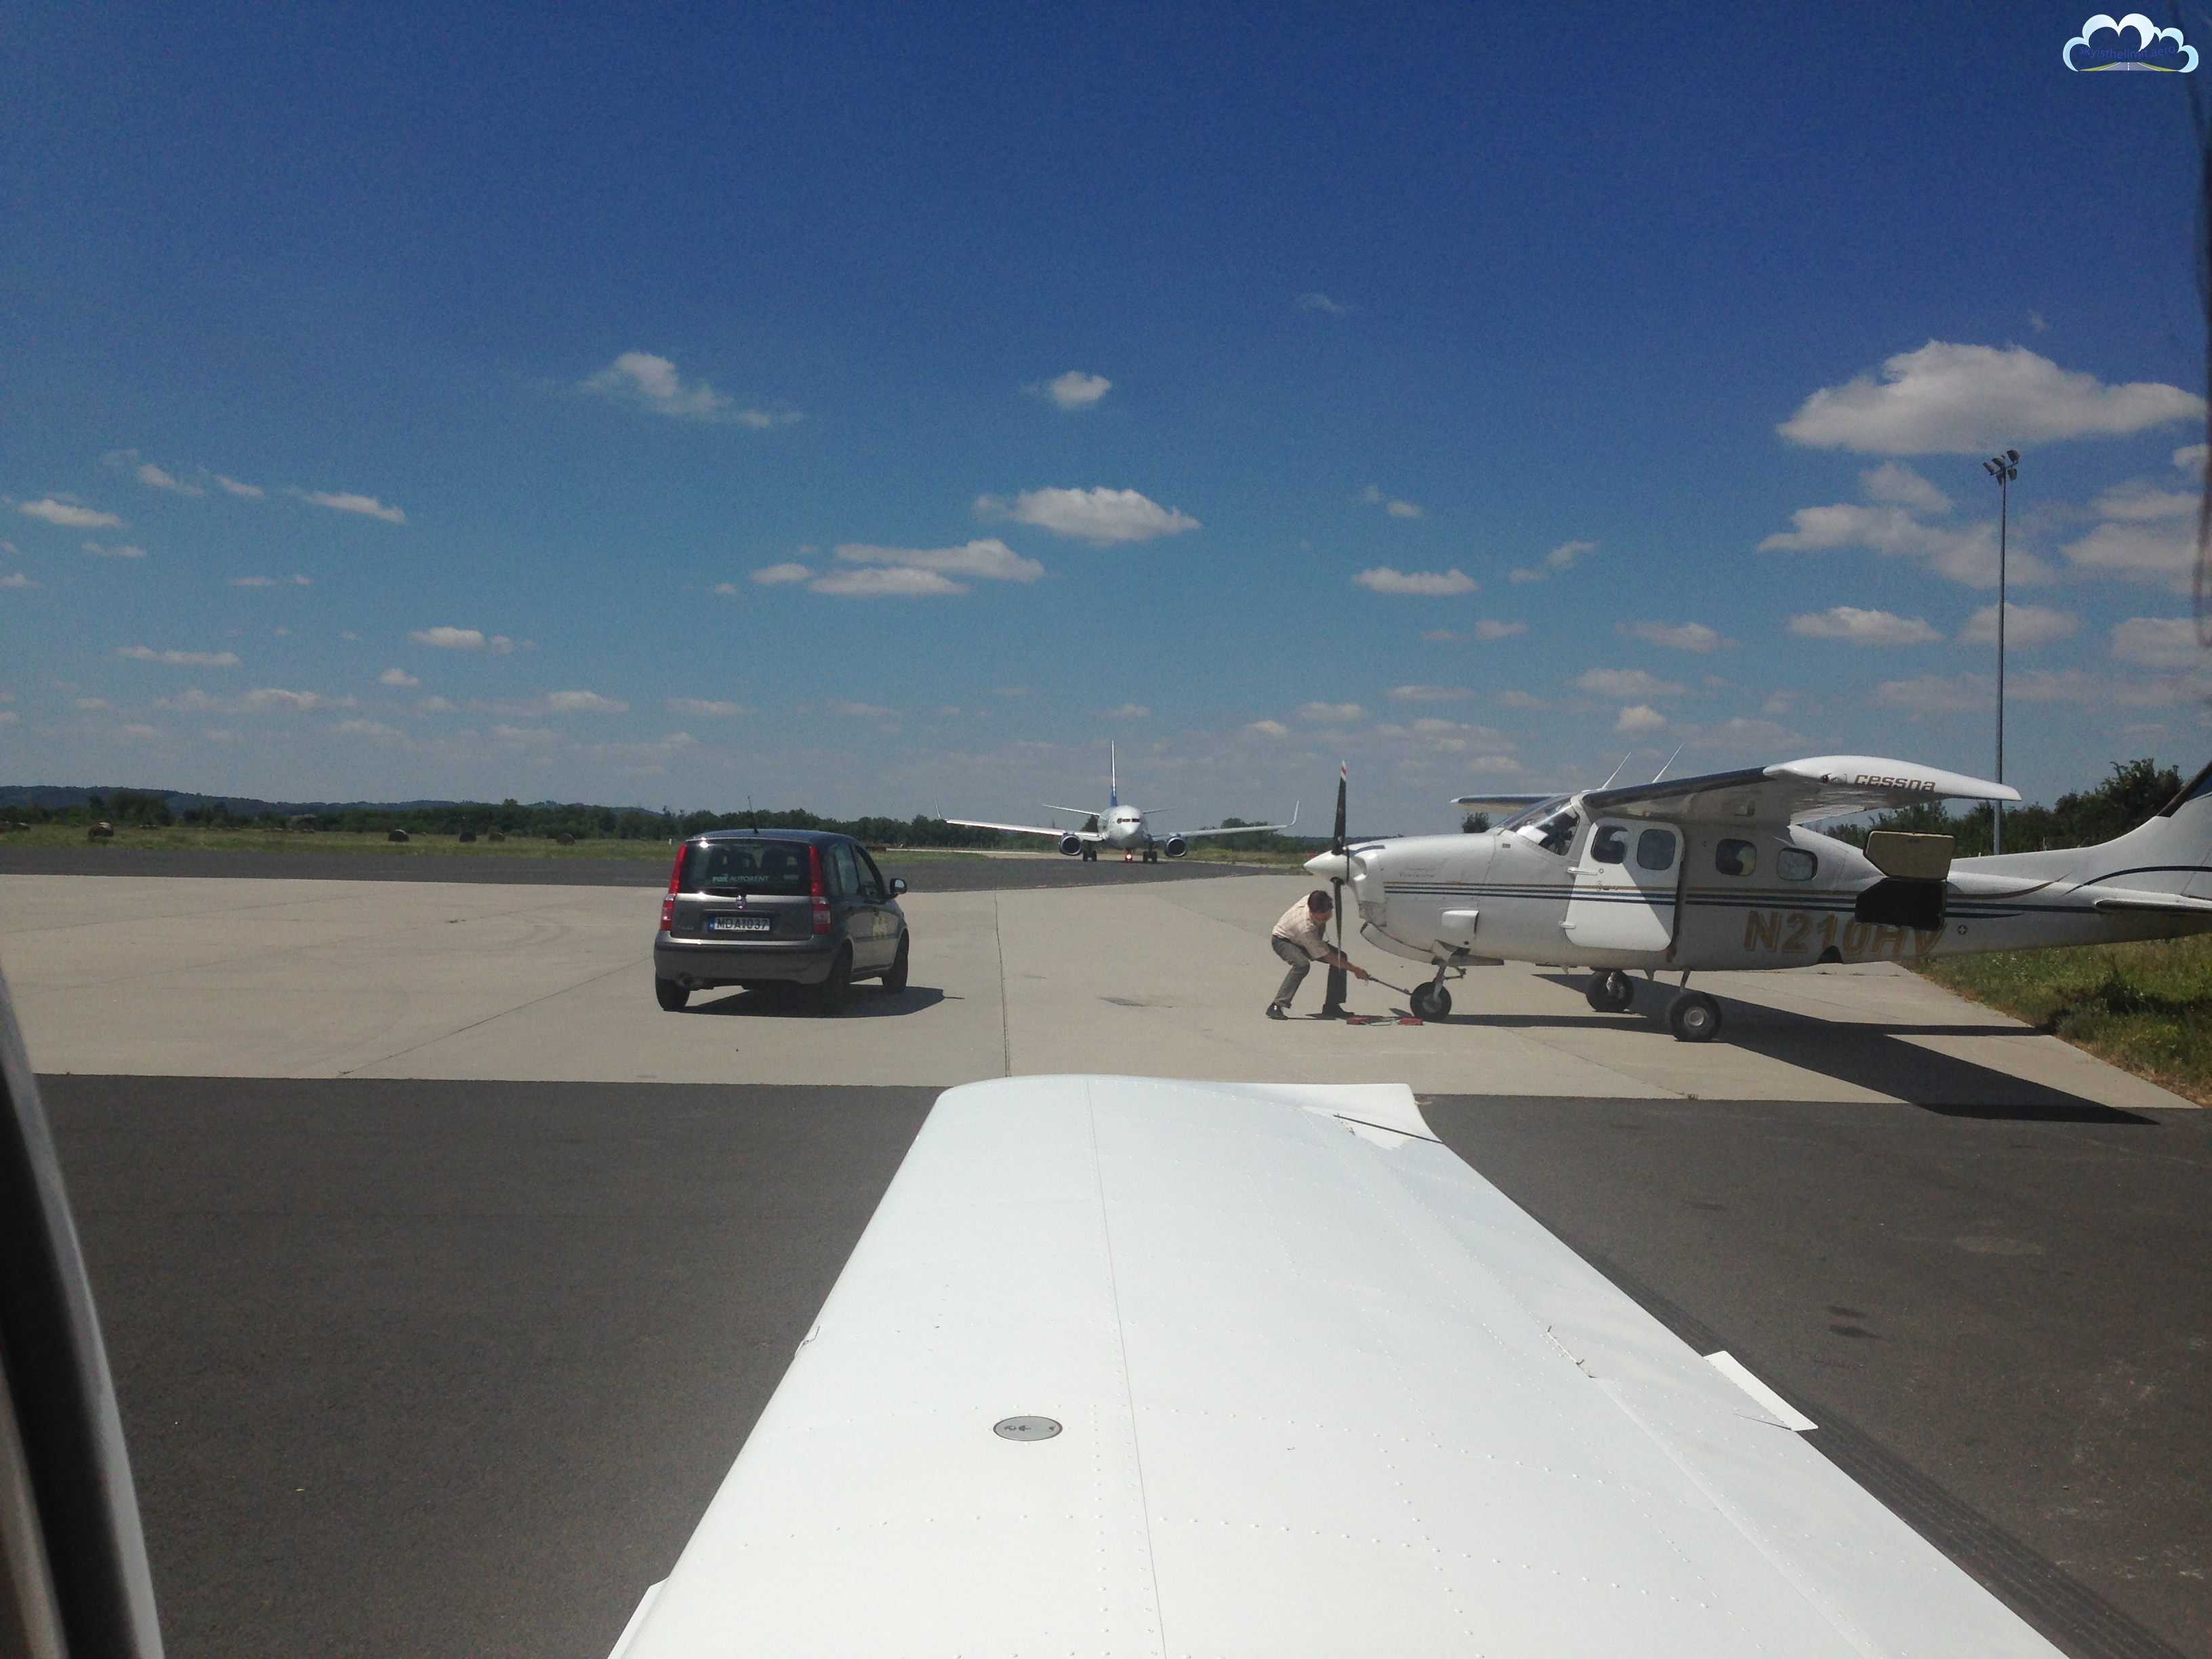 Płyta lotniska Heviz-Balaton.